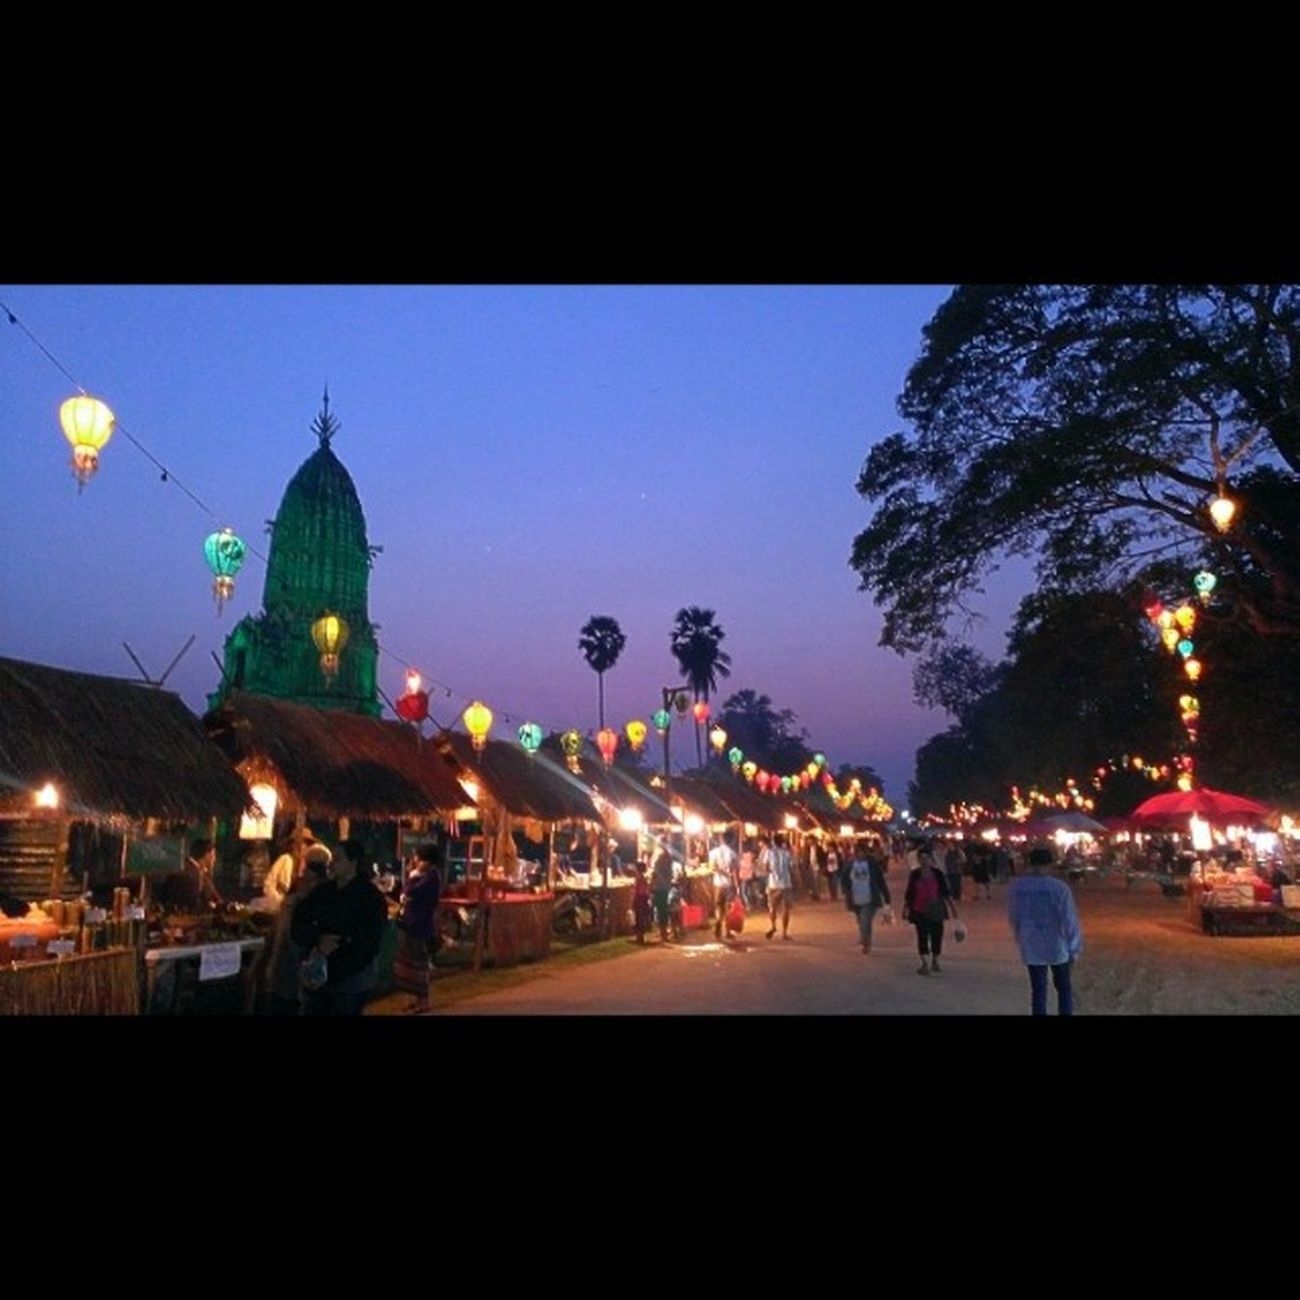 ตลาดโบราณมหาธาตุ , สุโขทัย Sukothai Nightmarket Fleamarket Igersoftheday Igers Thailand Htc8x